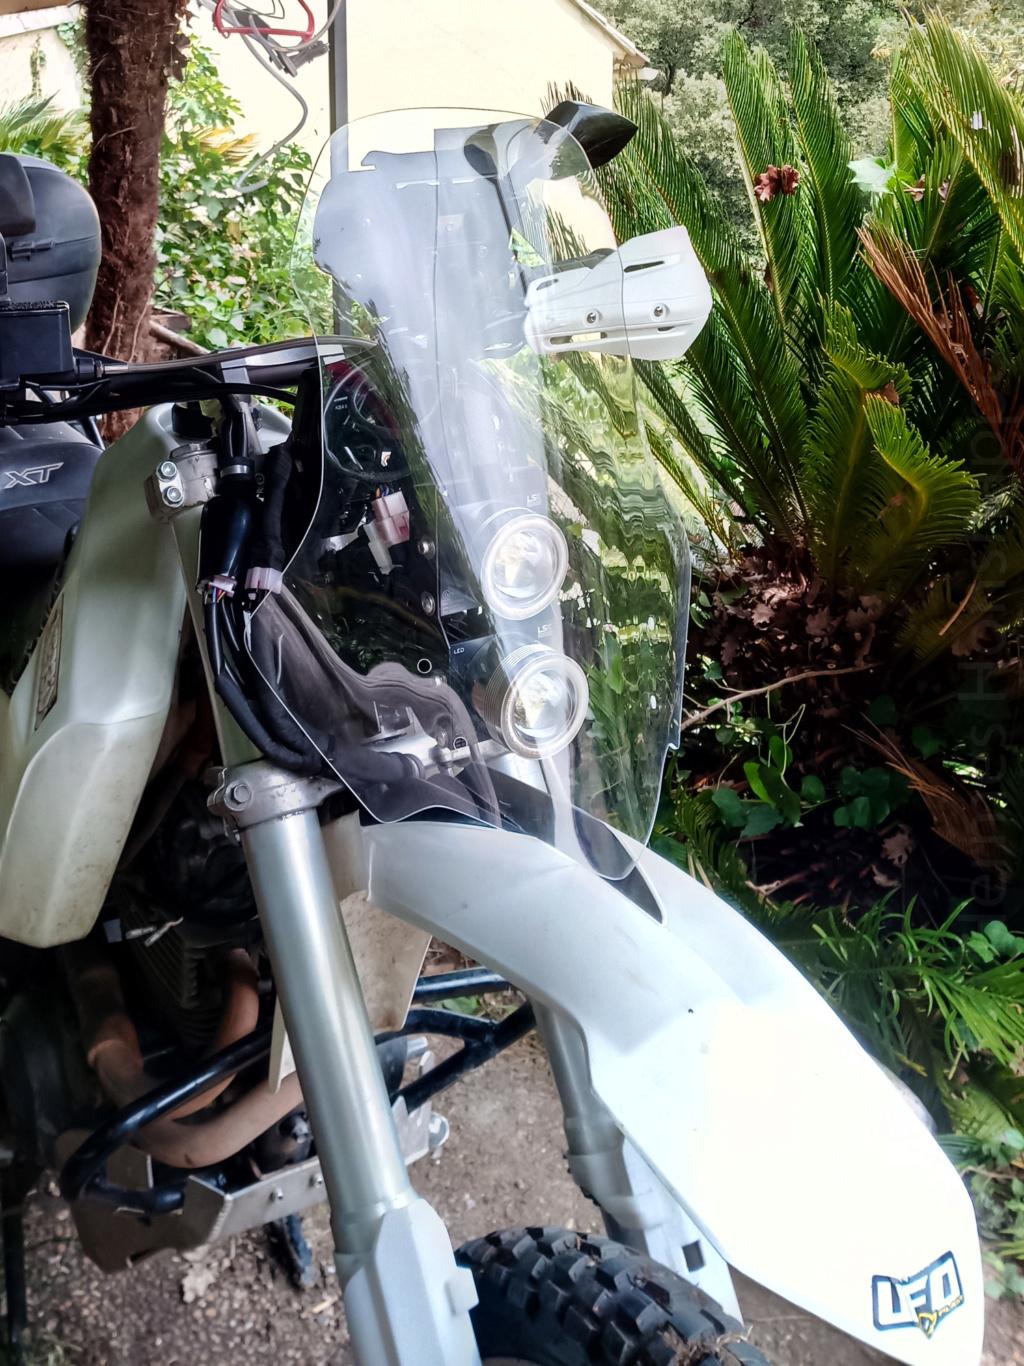 Qu'avez vous fait à votre moto aujourd'hui ? - Page 28 20190533